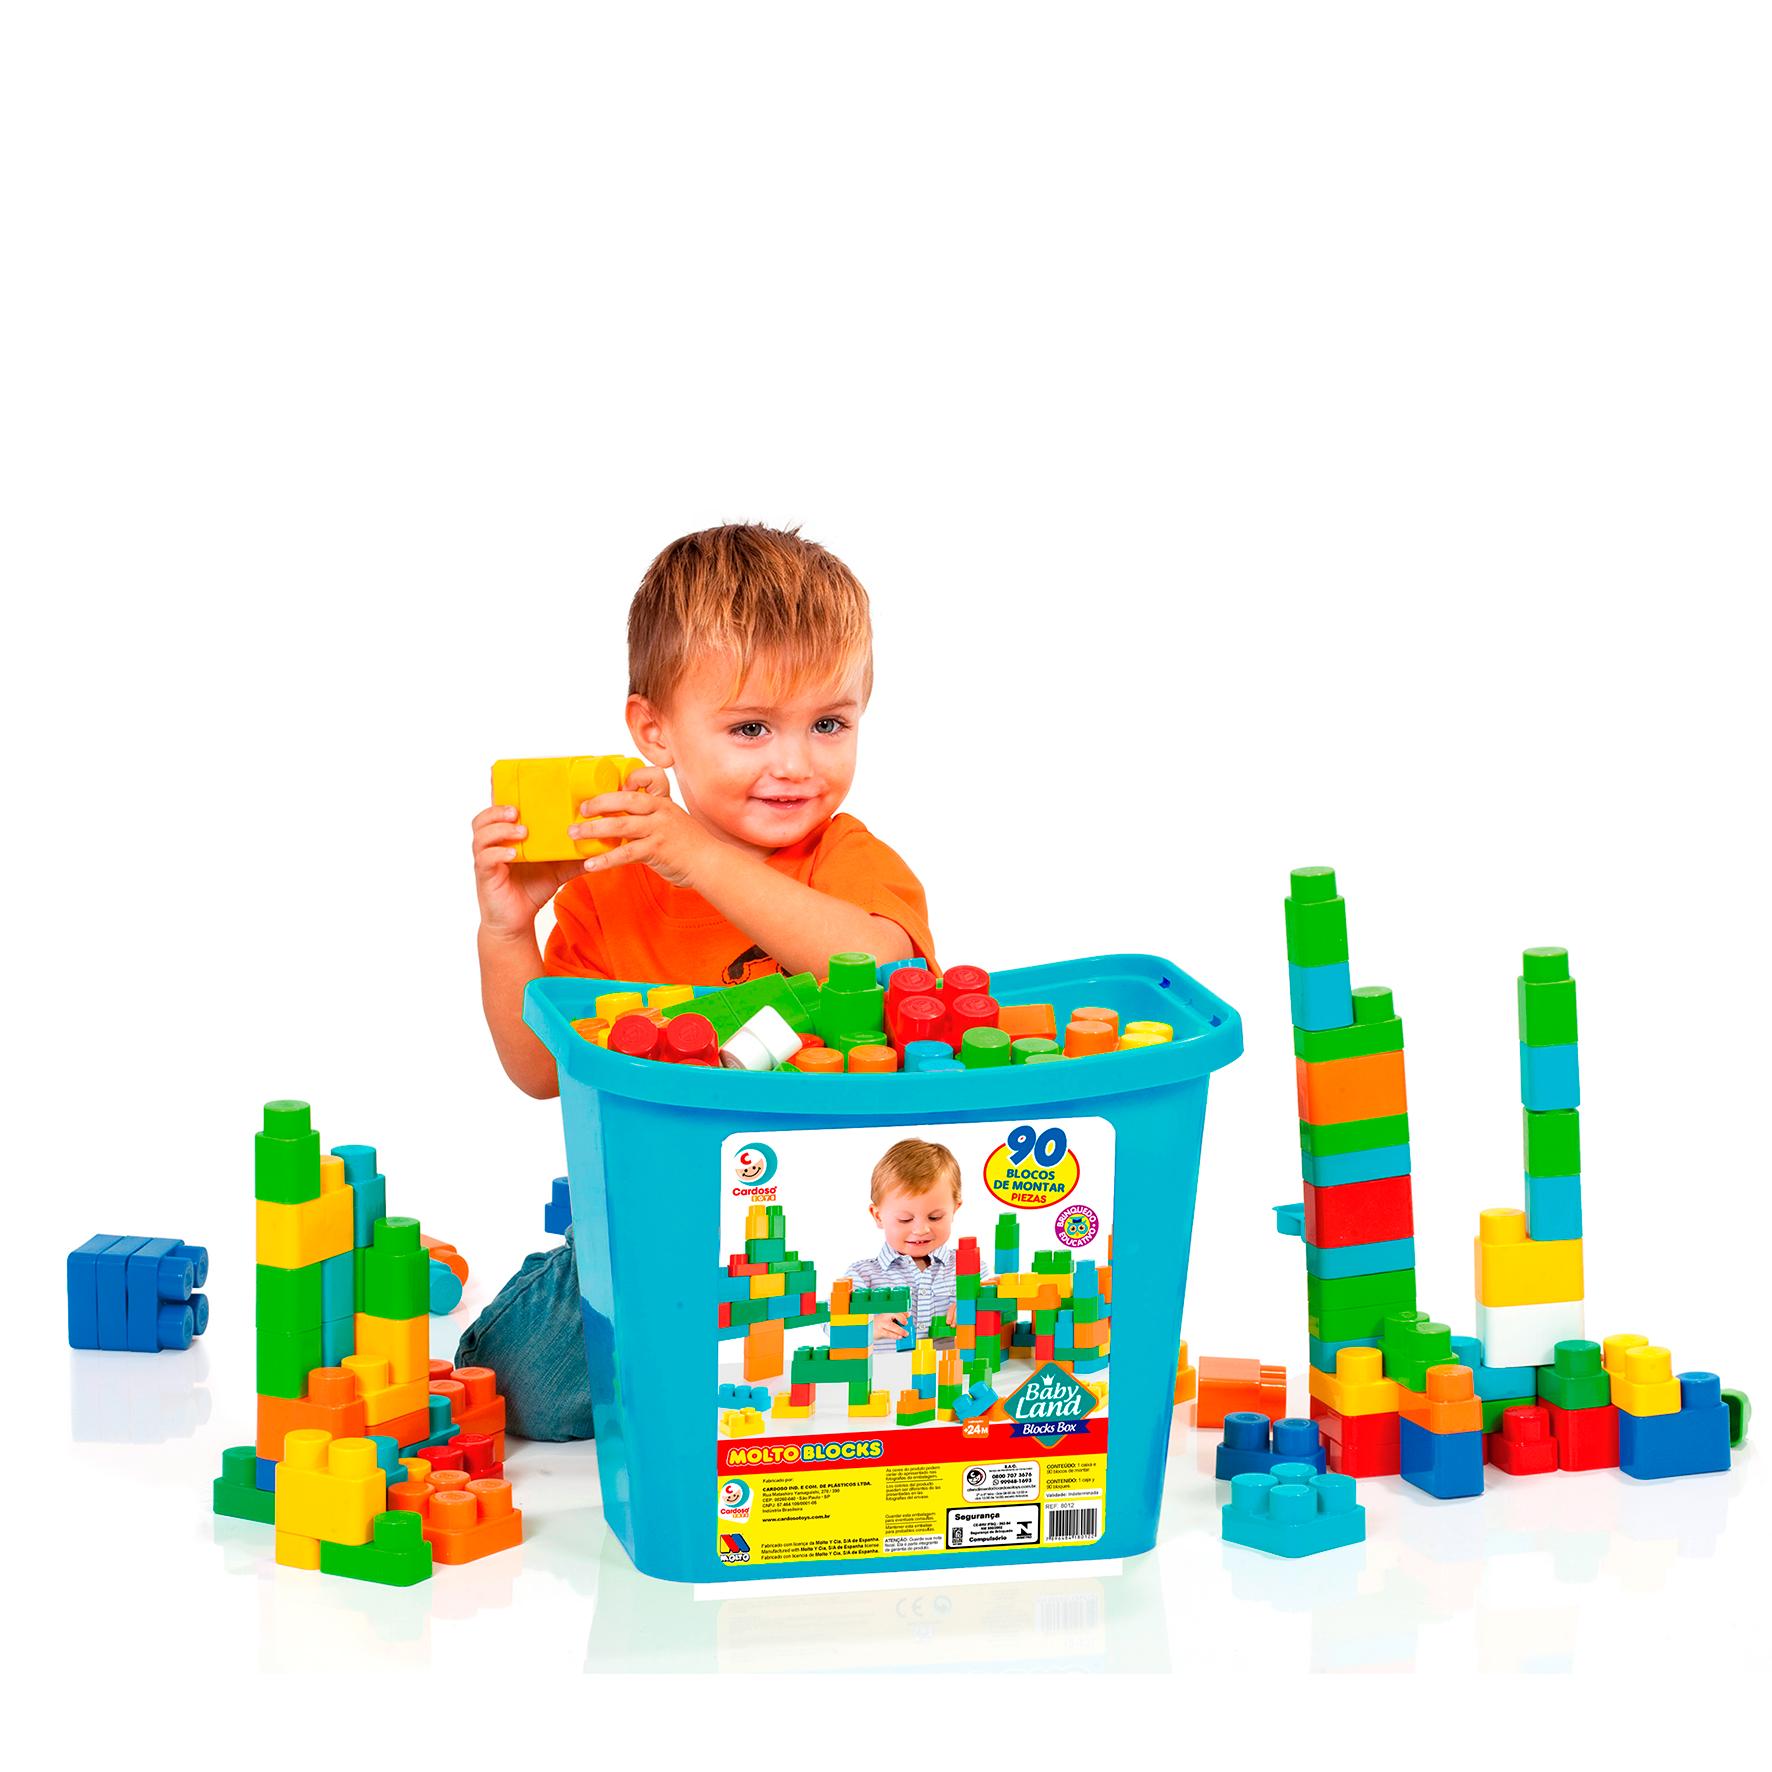 REF.-8012-BABY-LAND-BLOCKS-BOX-MENINO-COM-CRIANÇA